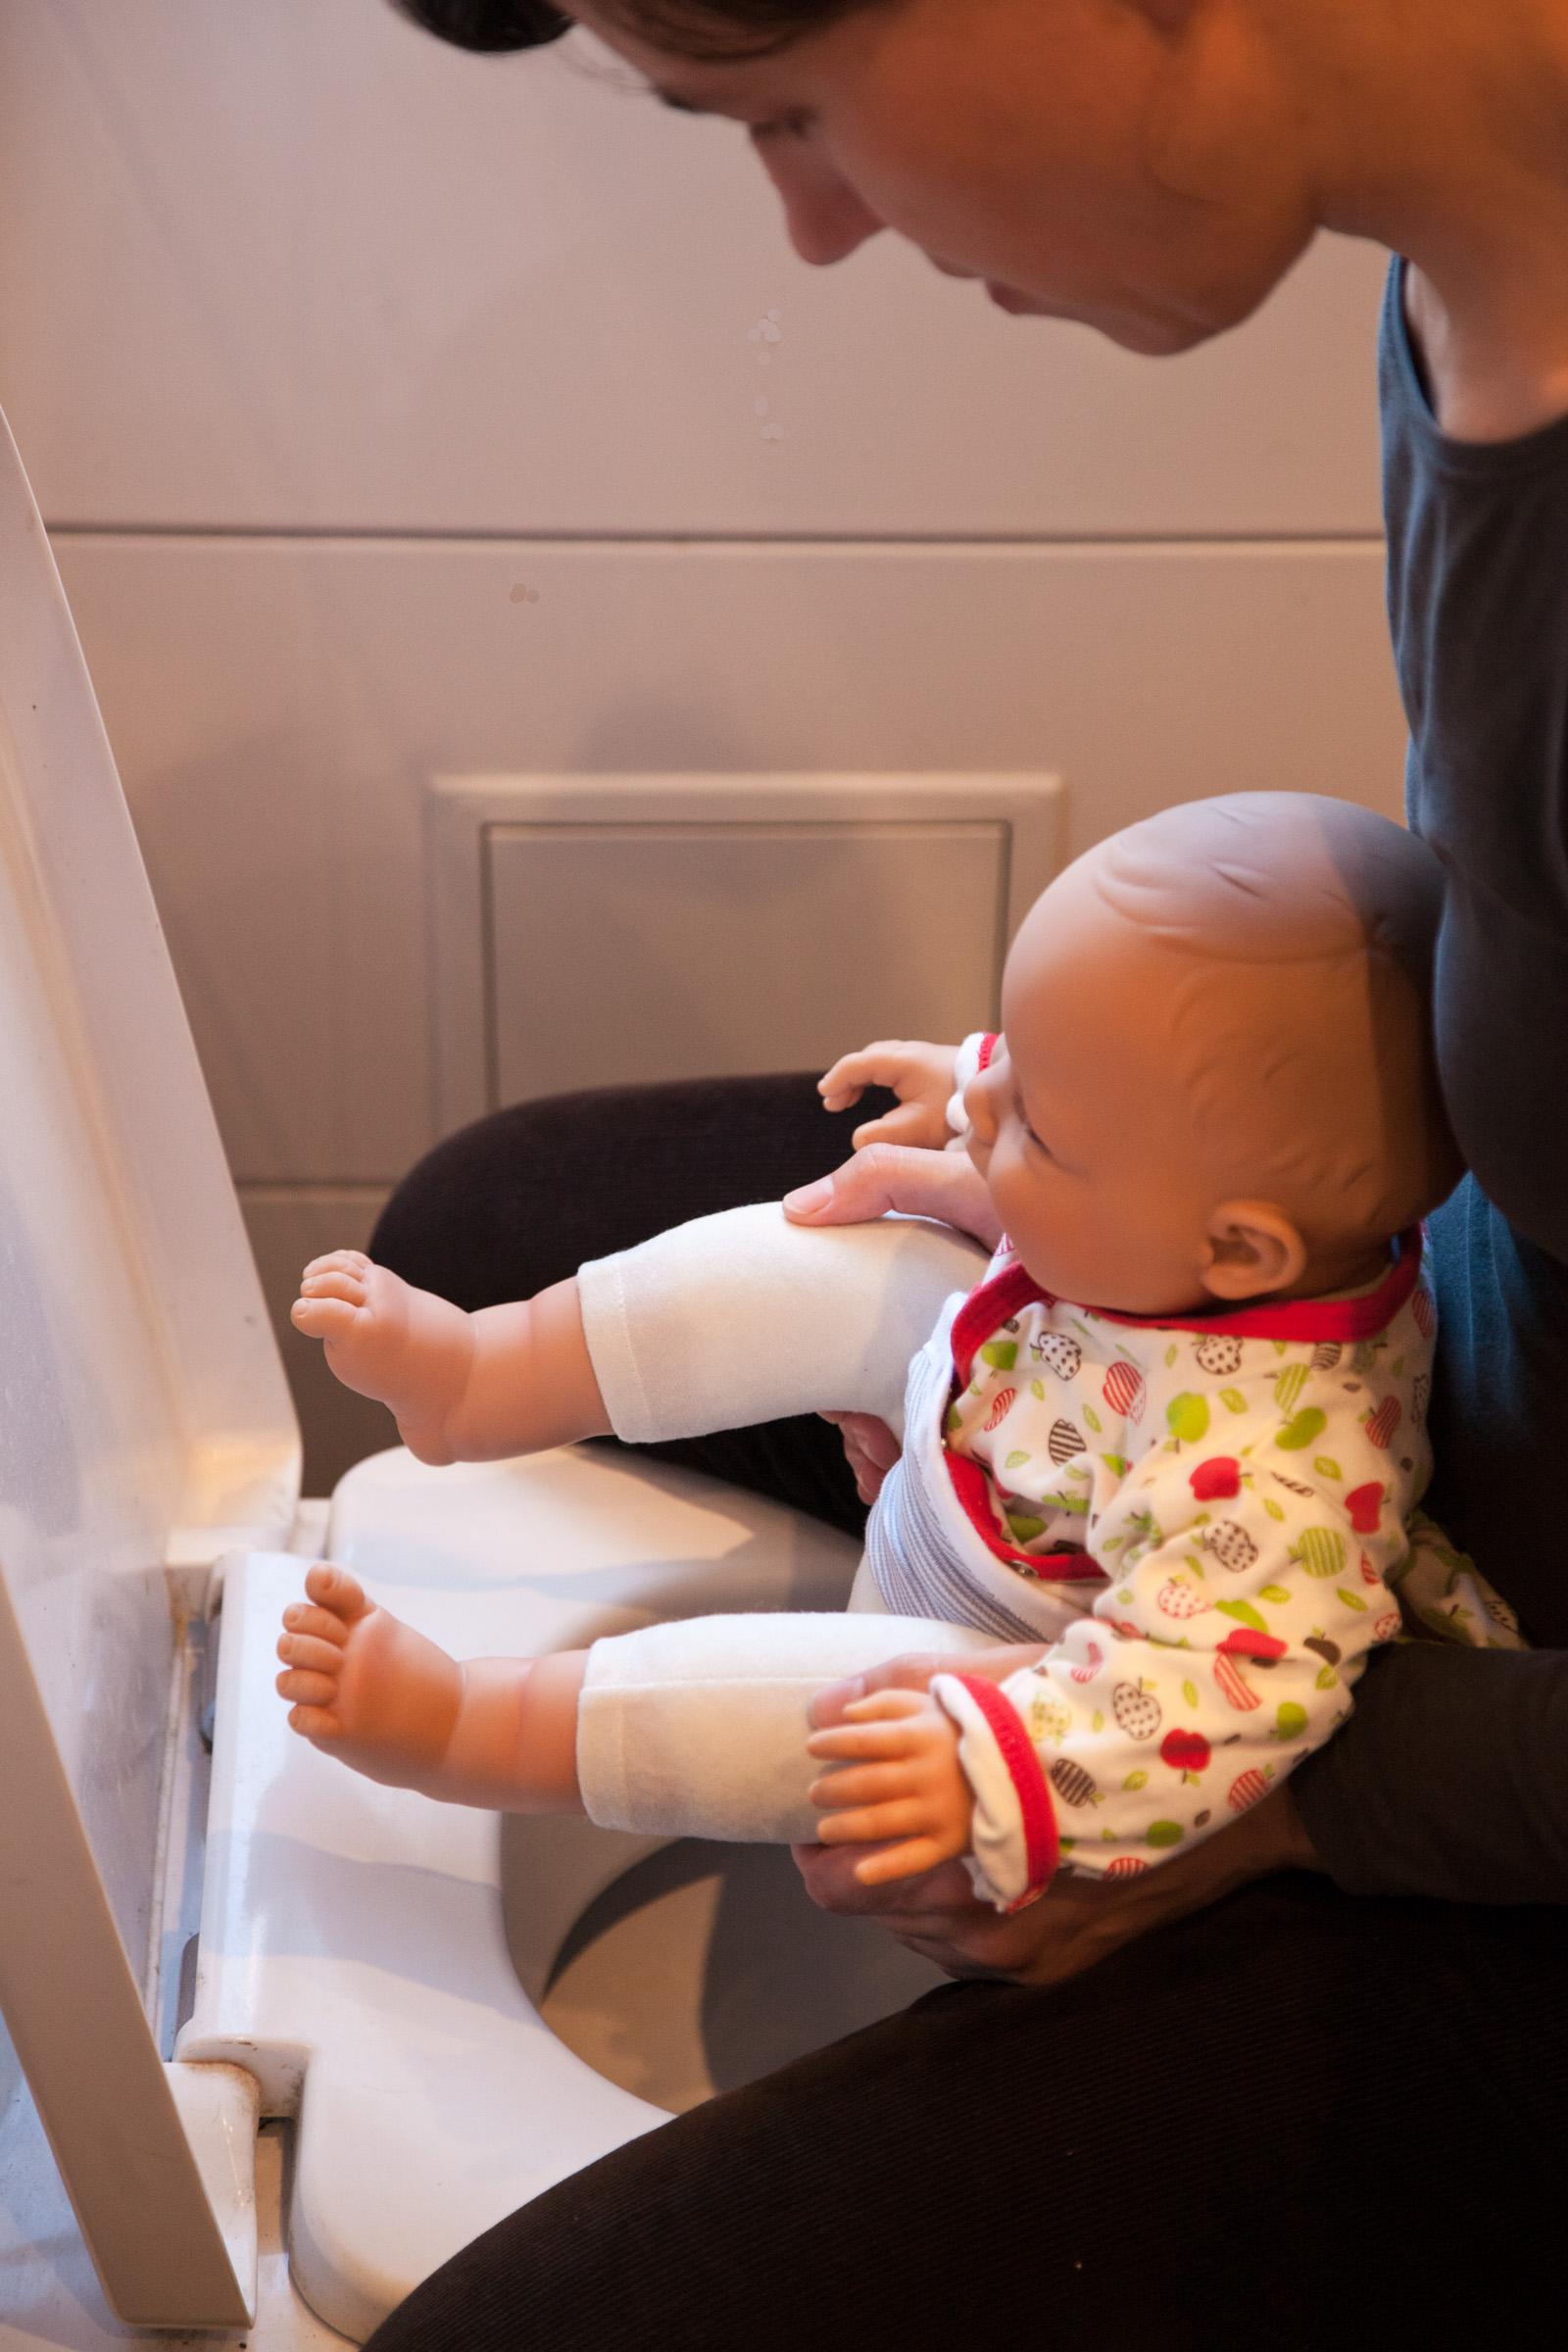 Windelfrei praktizieren heißt, das Baby über der Toilette abzuhalten